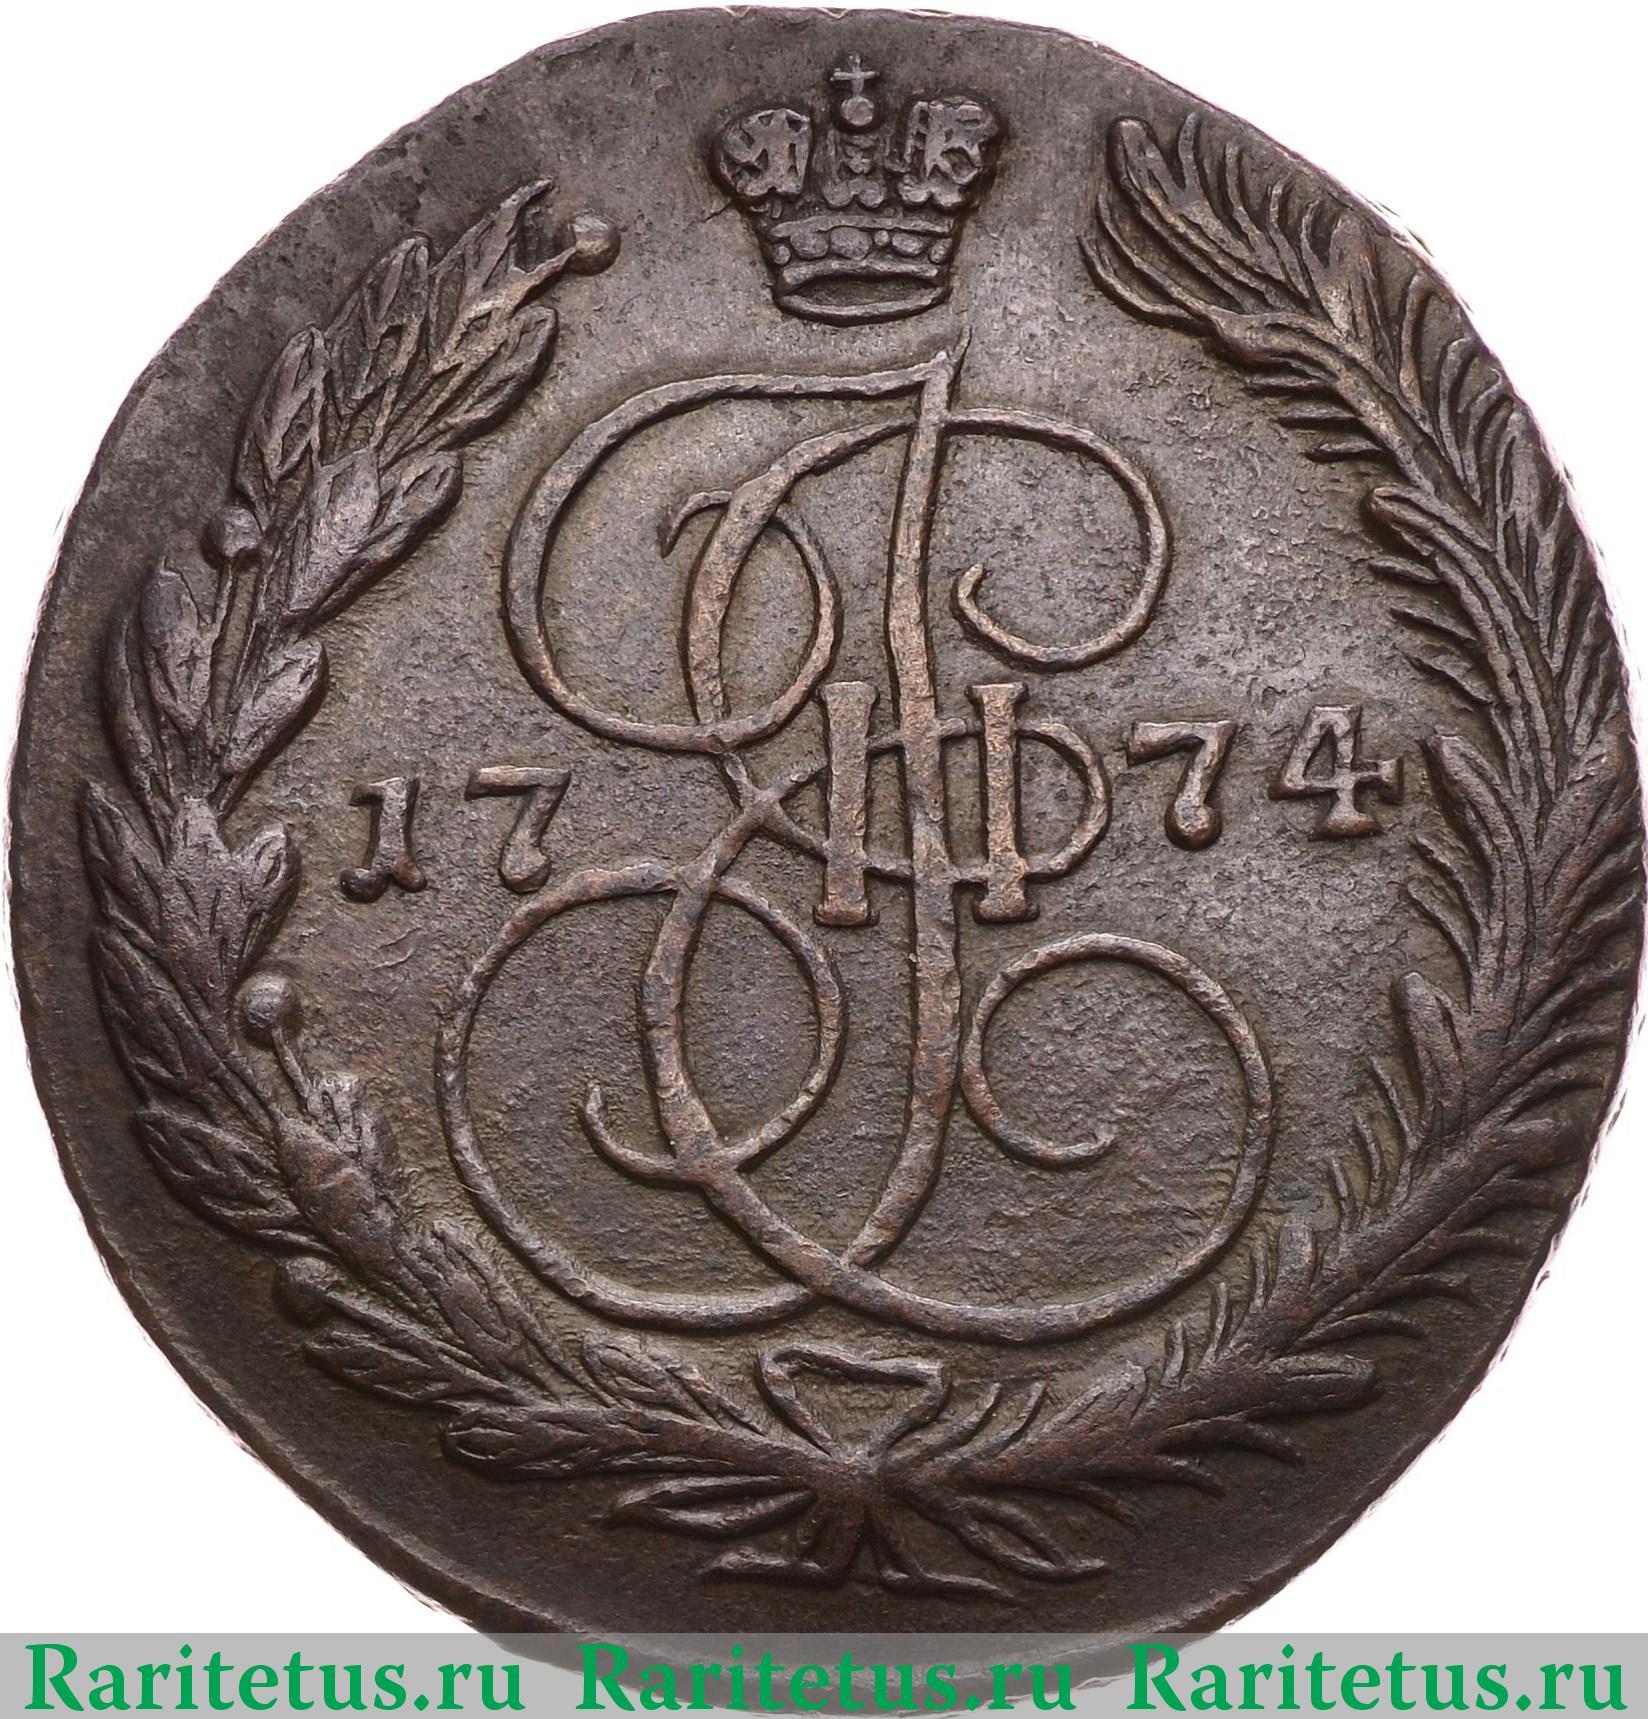 Старинные монеты 5 копеек 10 рублей 2001 года цена